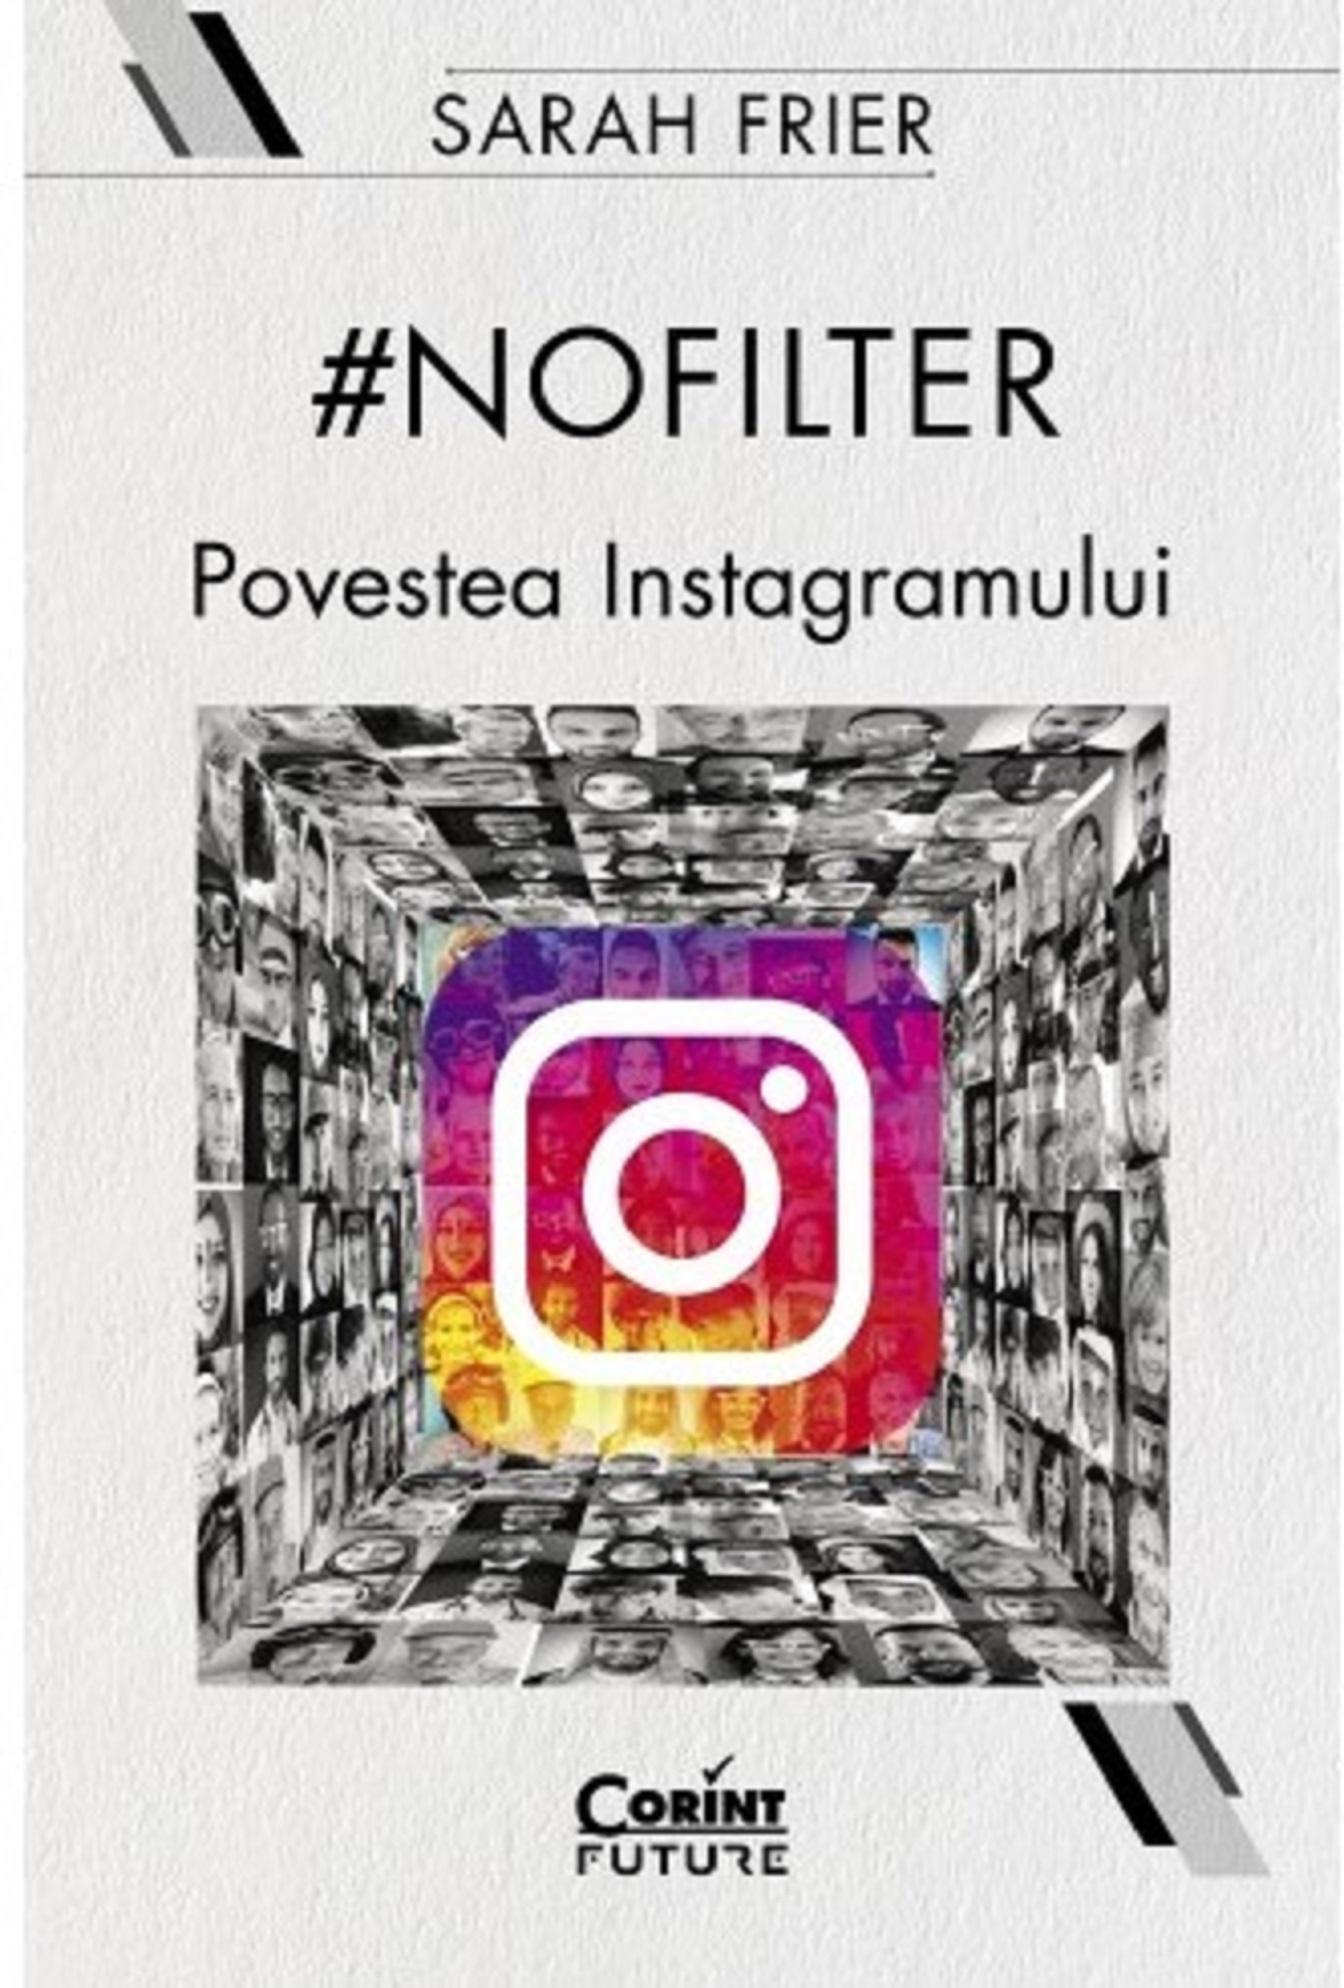 Imagine #nofilter - Sarah Frier